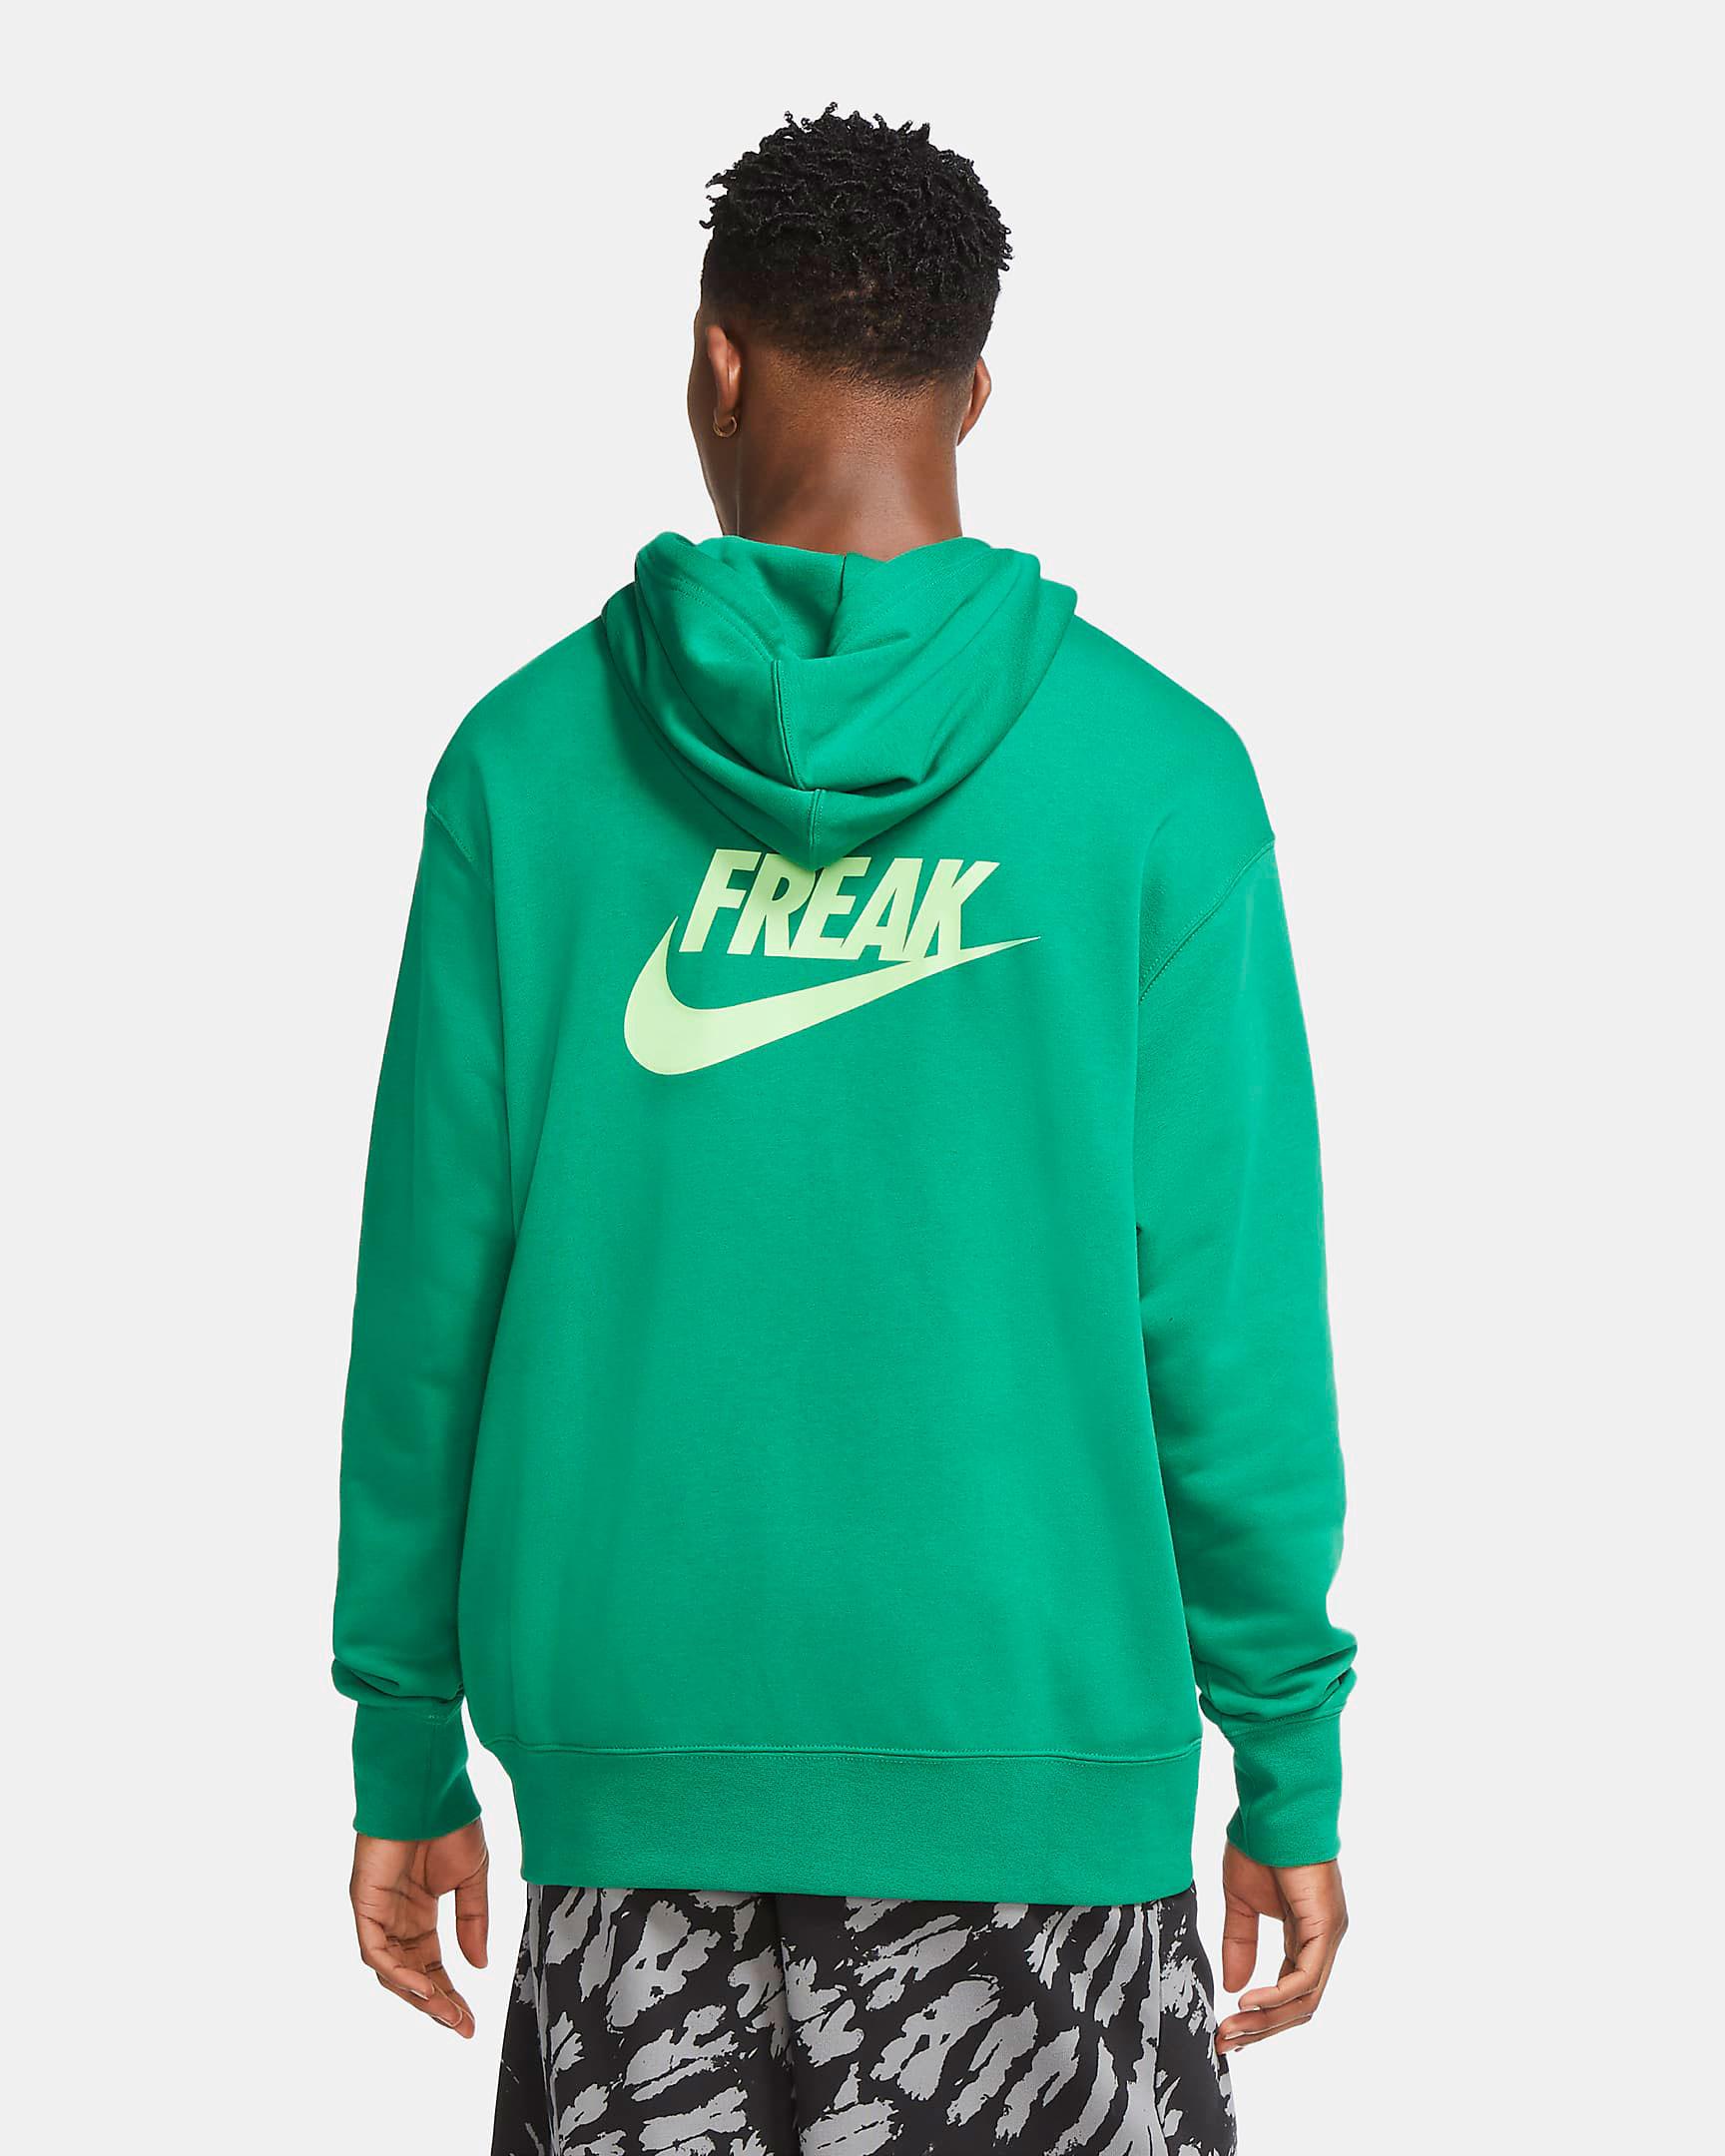 nike-zoom-freak-2-naija-green-hoodie-2